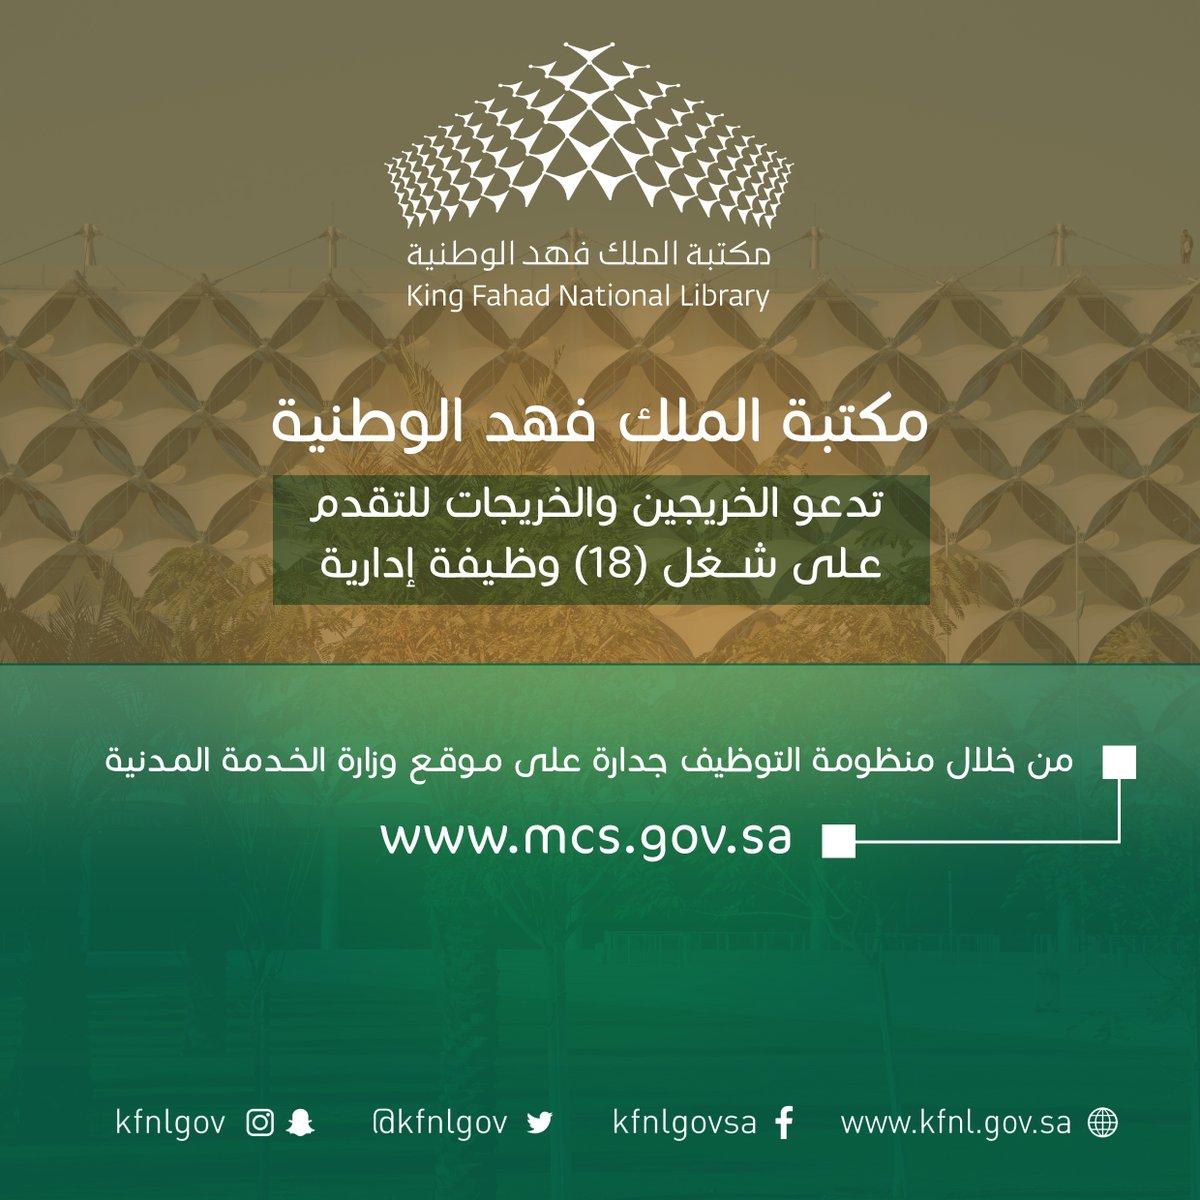 وظائف مكتبة الملك فهد الوطنية